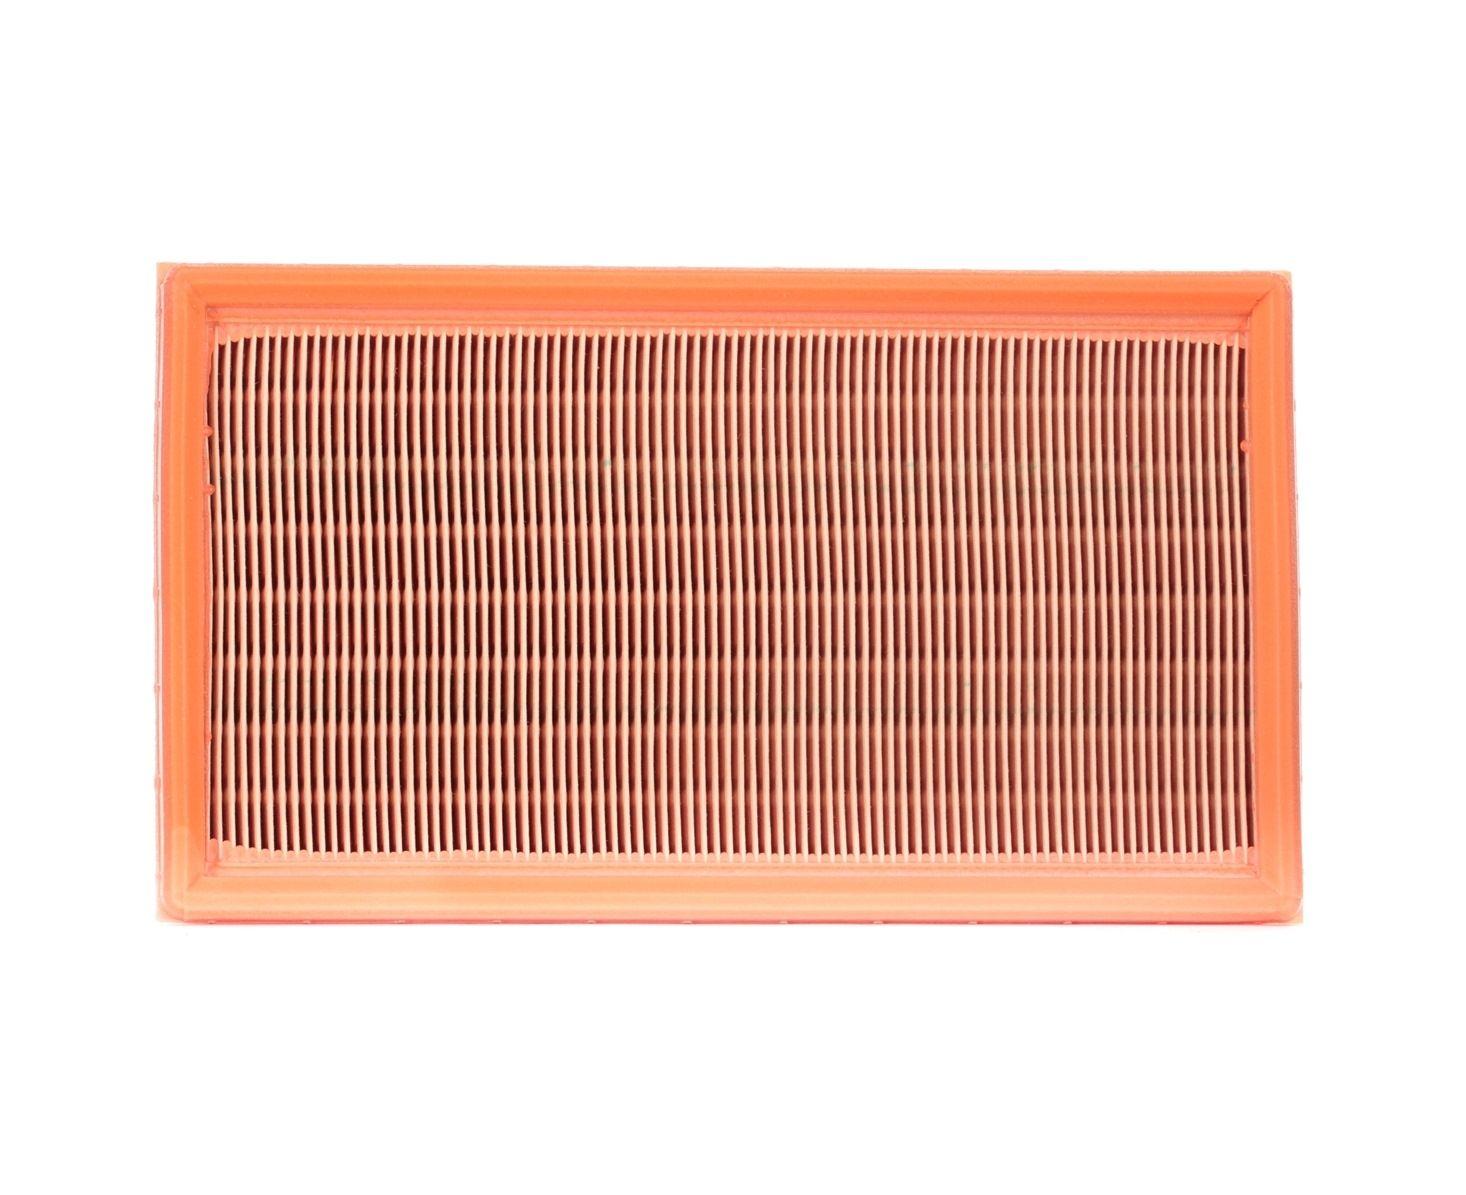 kupte si Vzduchovy filtr C 26 110/1 kdykoliv